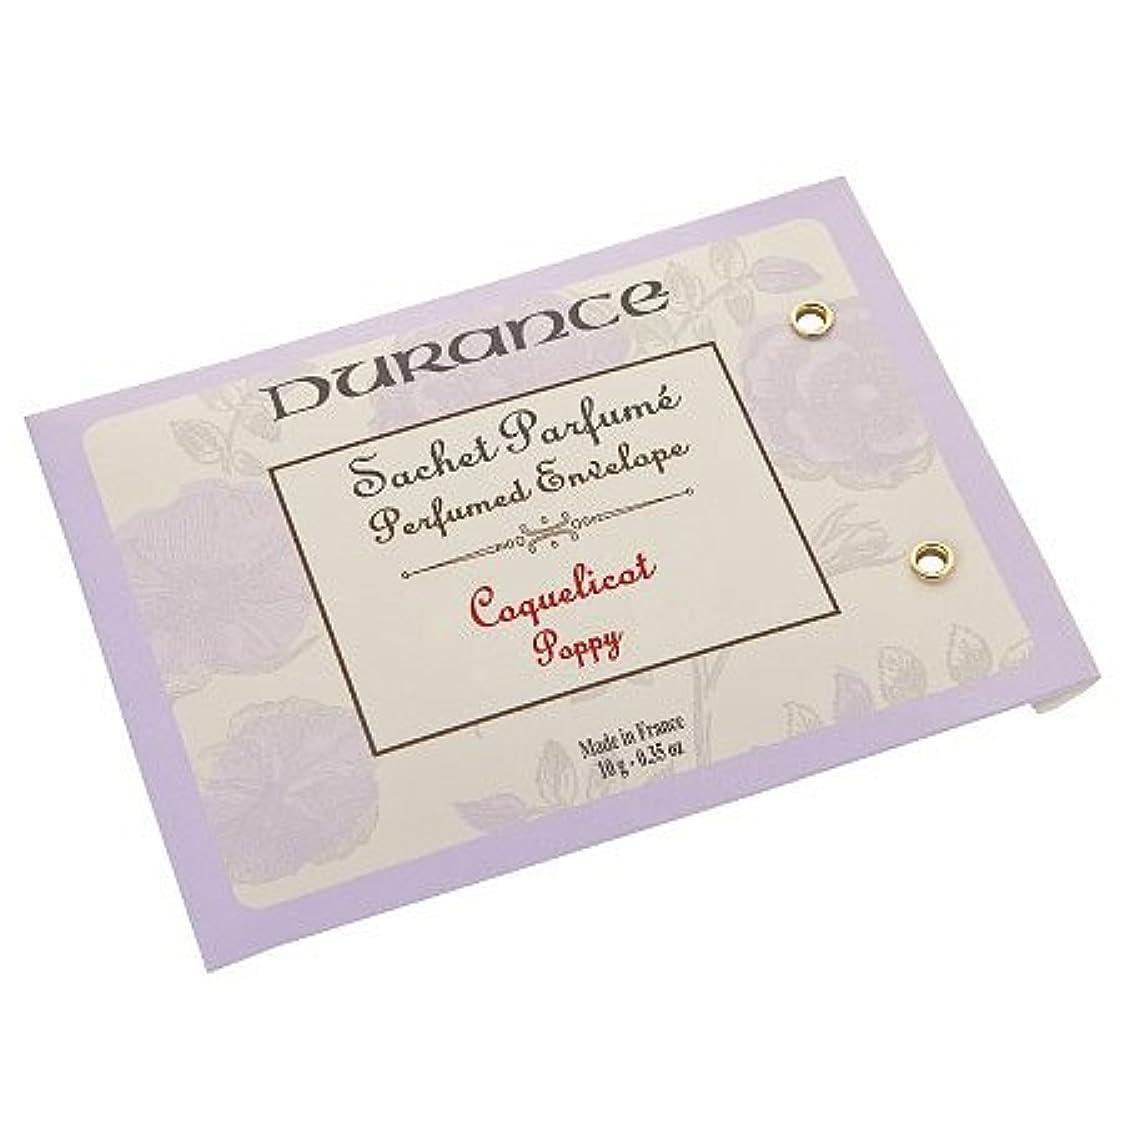 スワップ強制的ソフトウェアデュランス Durance エンベロープ Scent envelopes 香り袋 匂い袋 サシェ (ポピー47502) [並行輸入品]